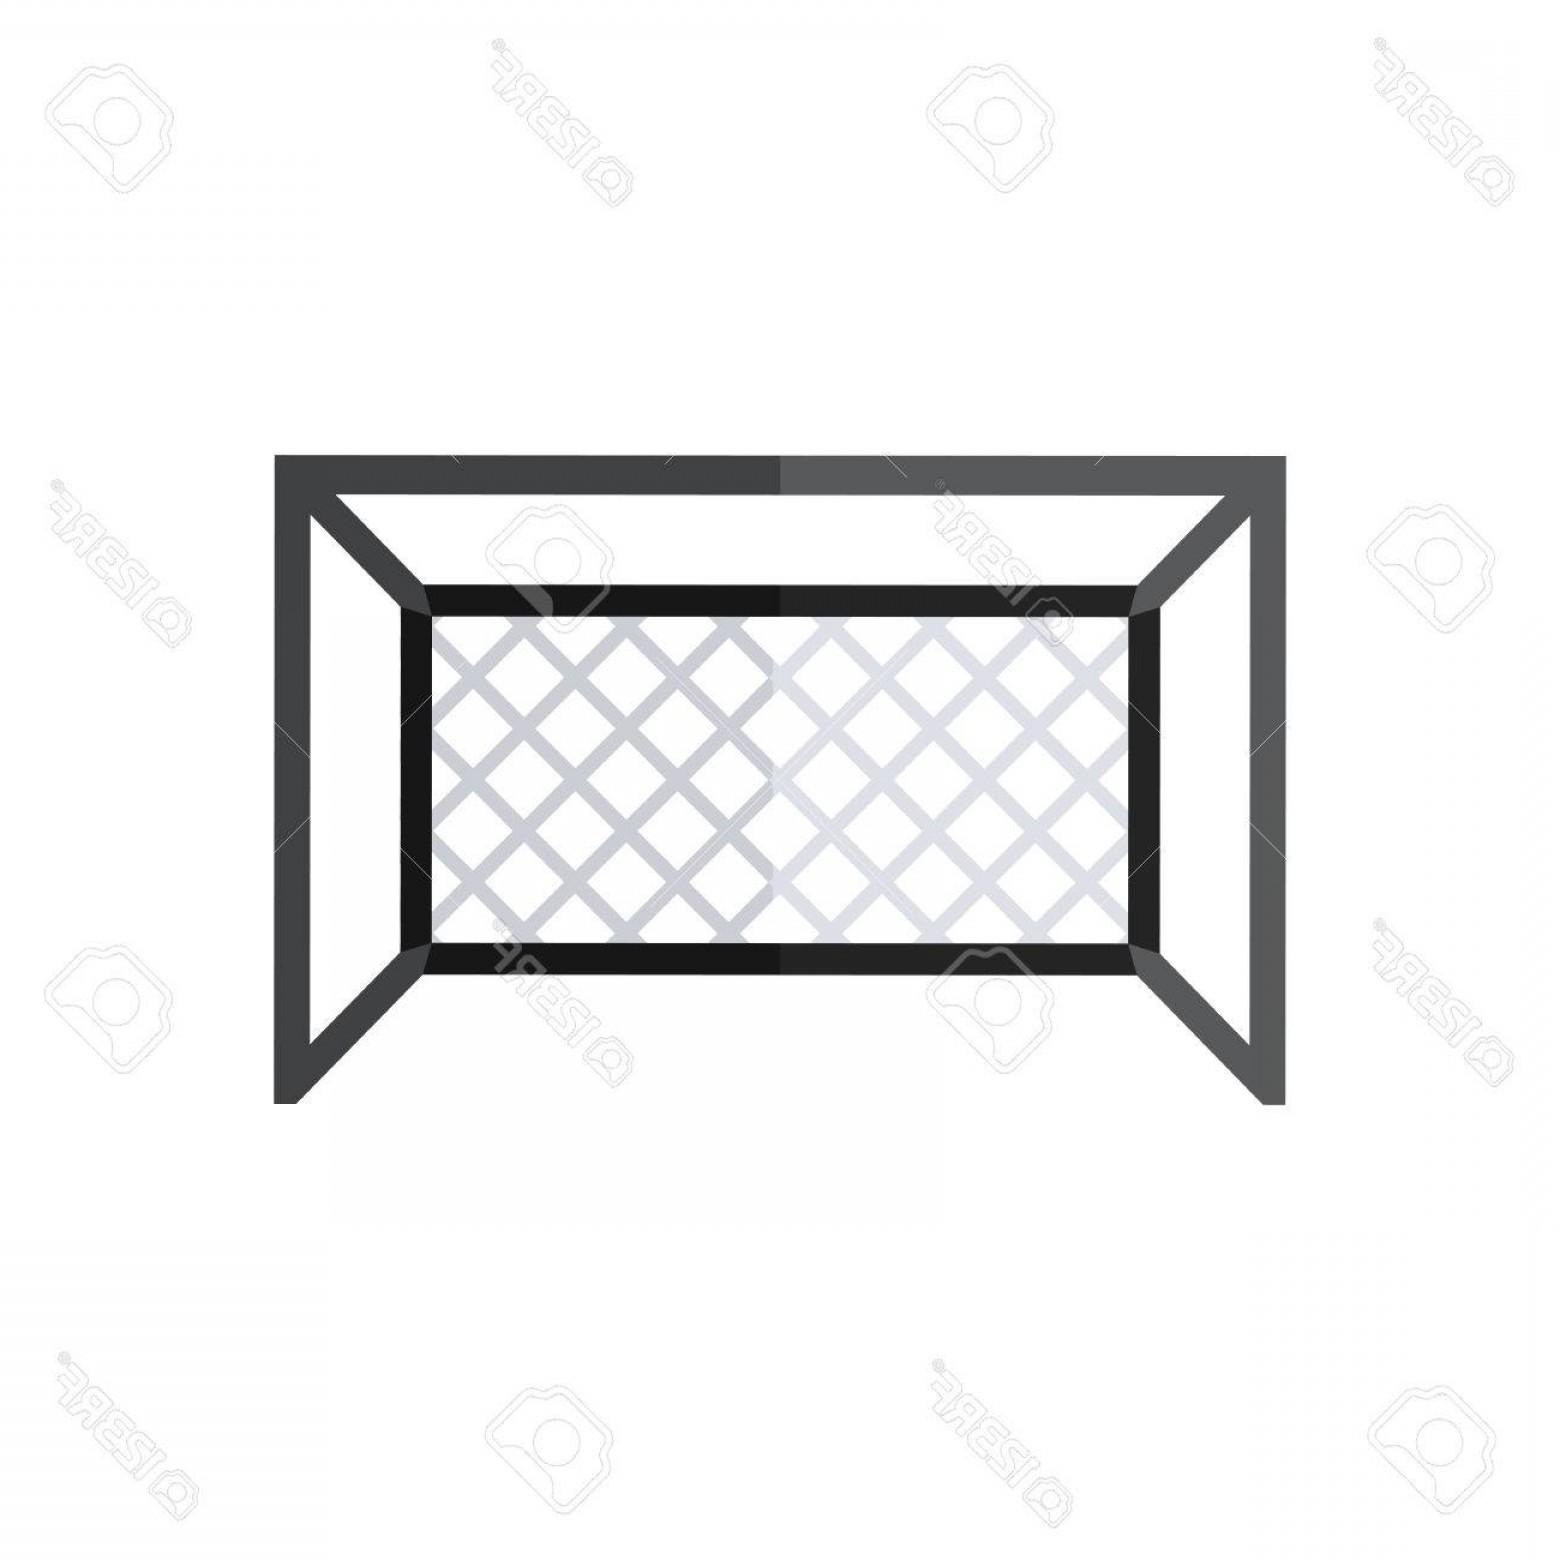 1560x1560 Photostock Vector Football Goal Silhouette Vector Soccer Goal Icon